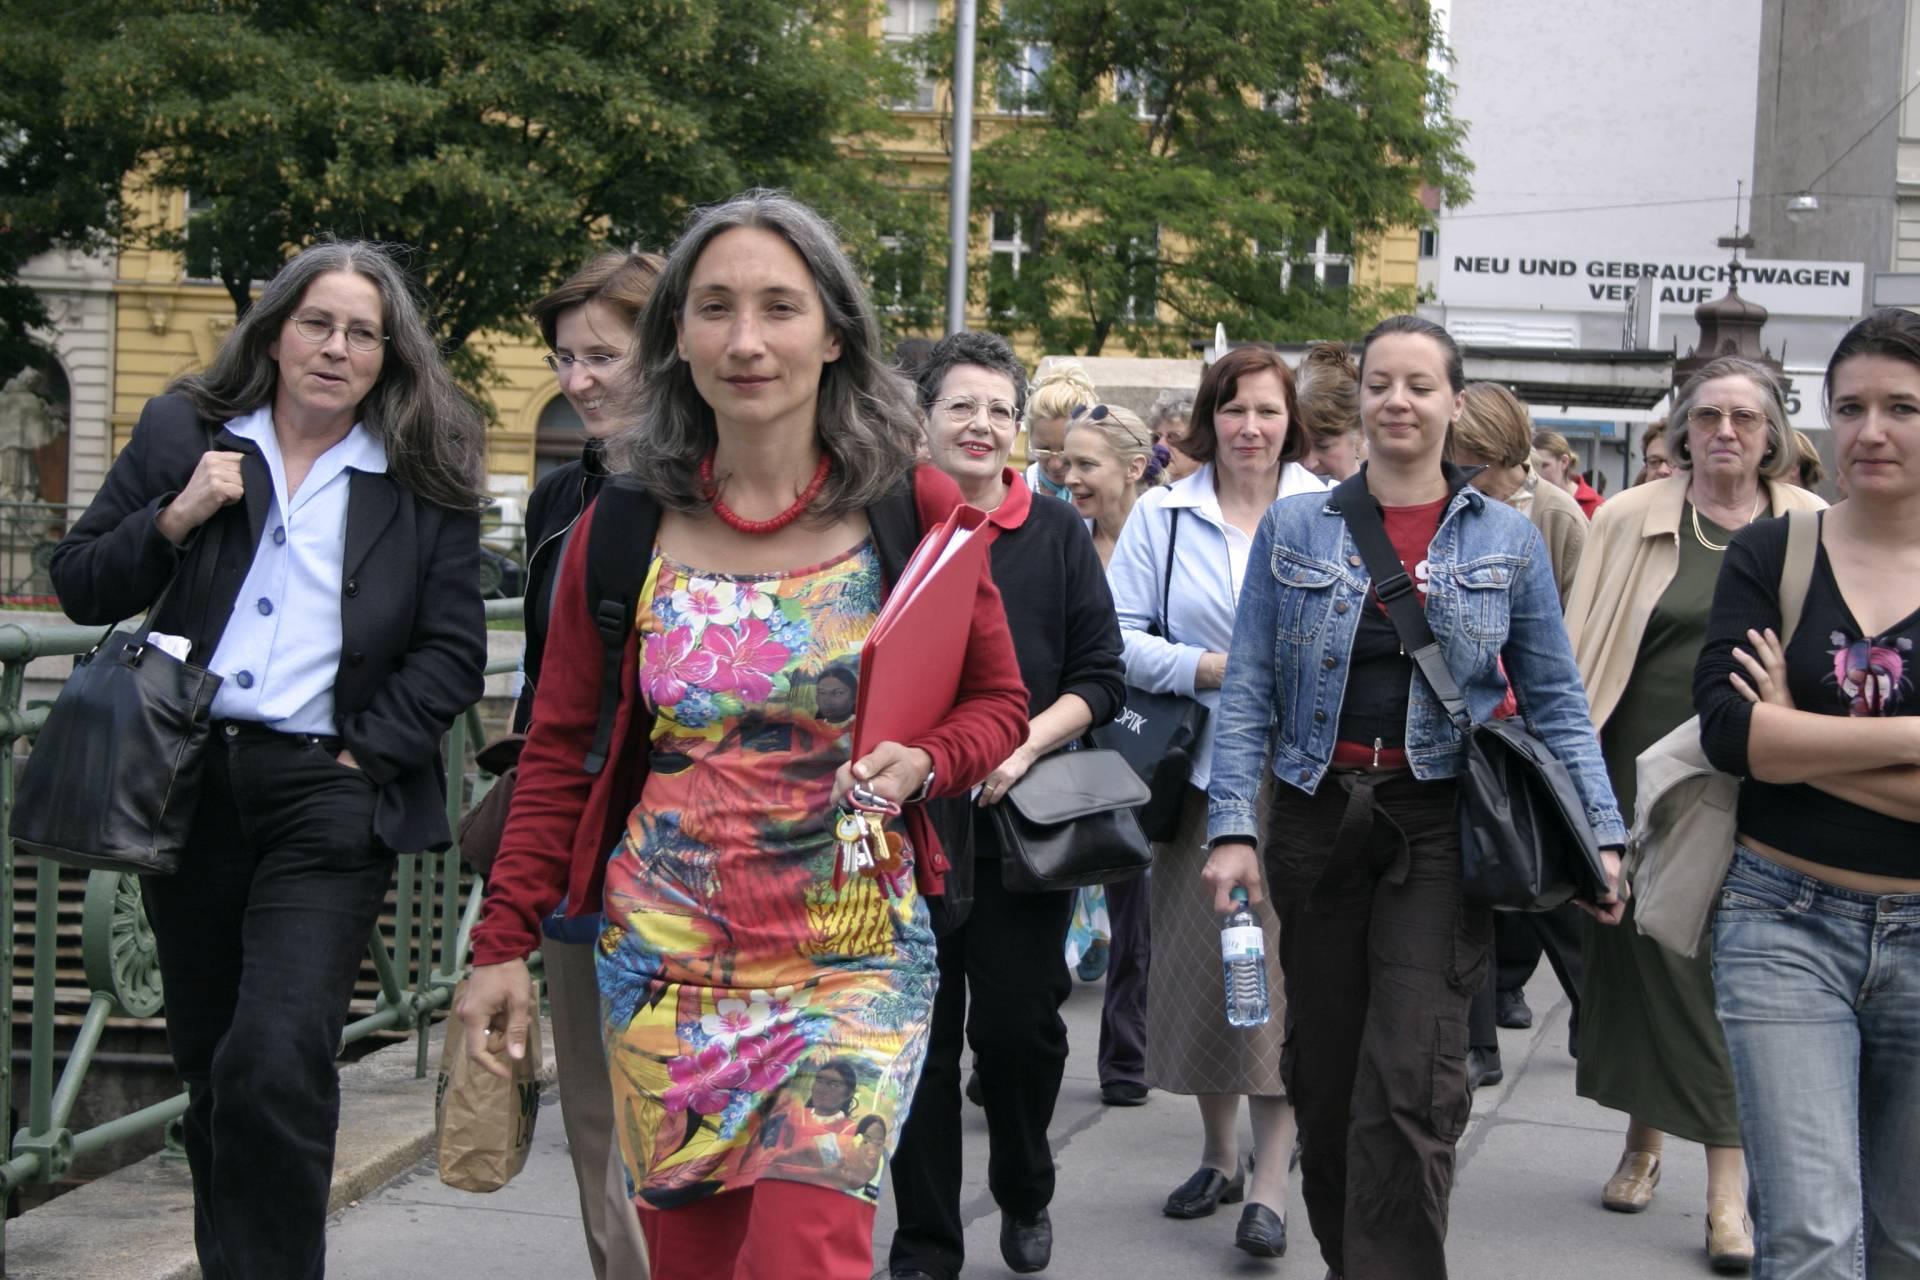 Am 9. Juni 2006 fand unter der Leitung von Petra Unger der Mariahilfer Frauenspaziergang statt. 59 Frauen spazierten durch die Geschichte Mariahilfs ... Petra Unger groß im Bild